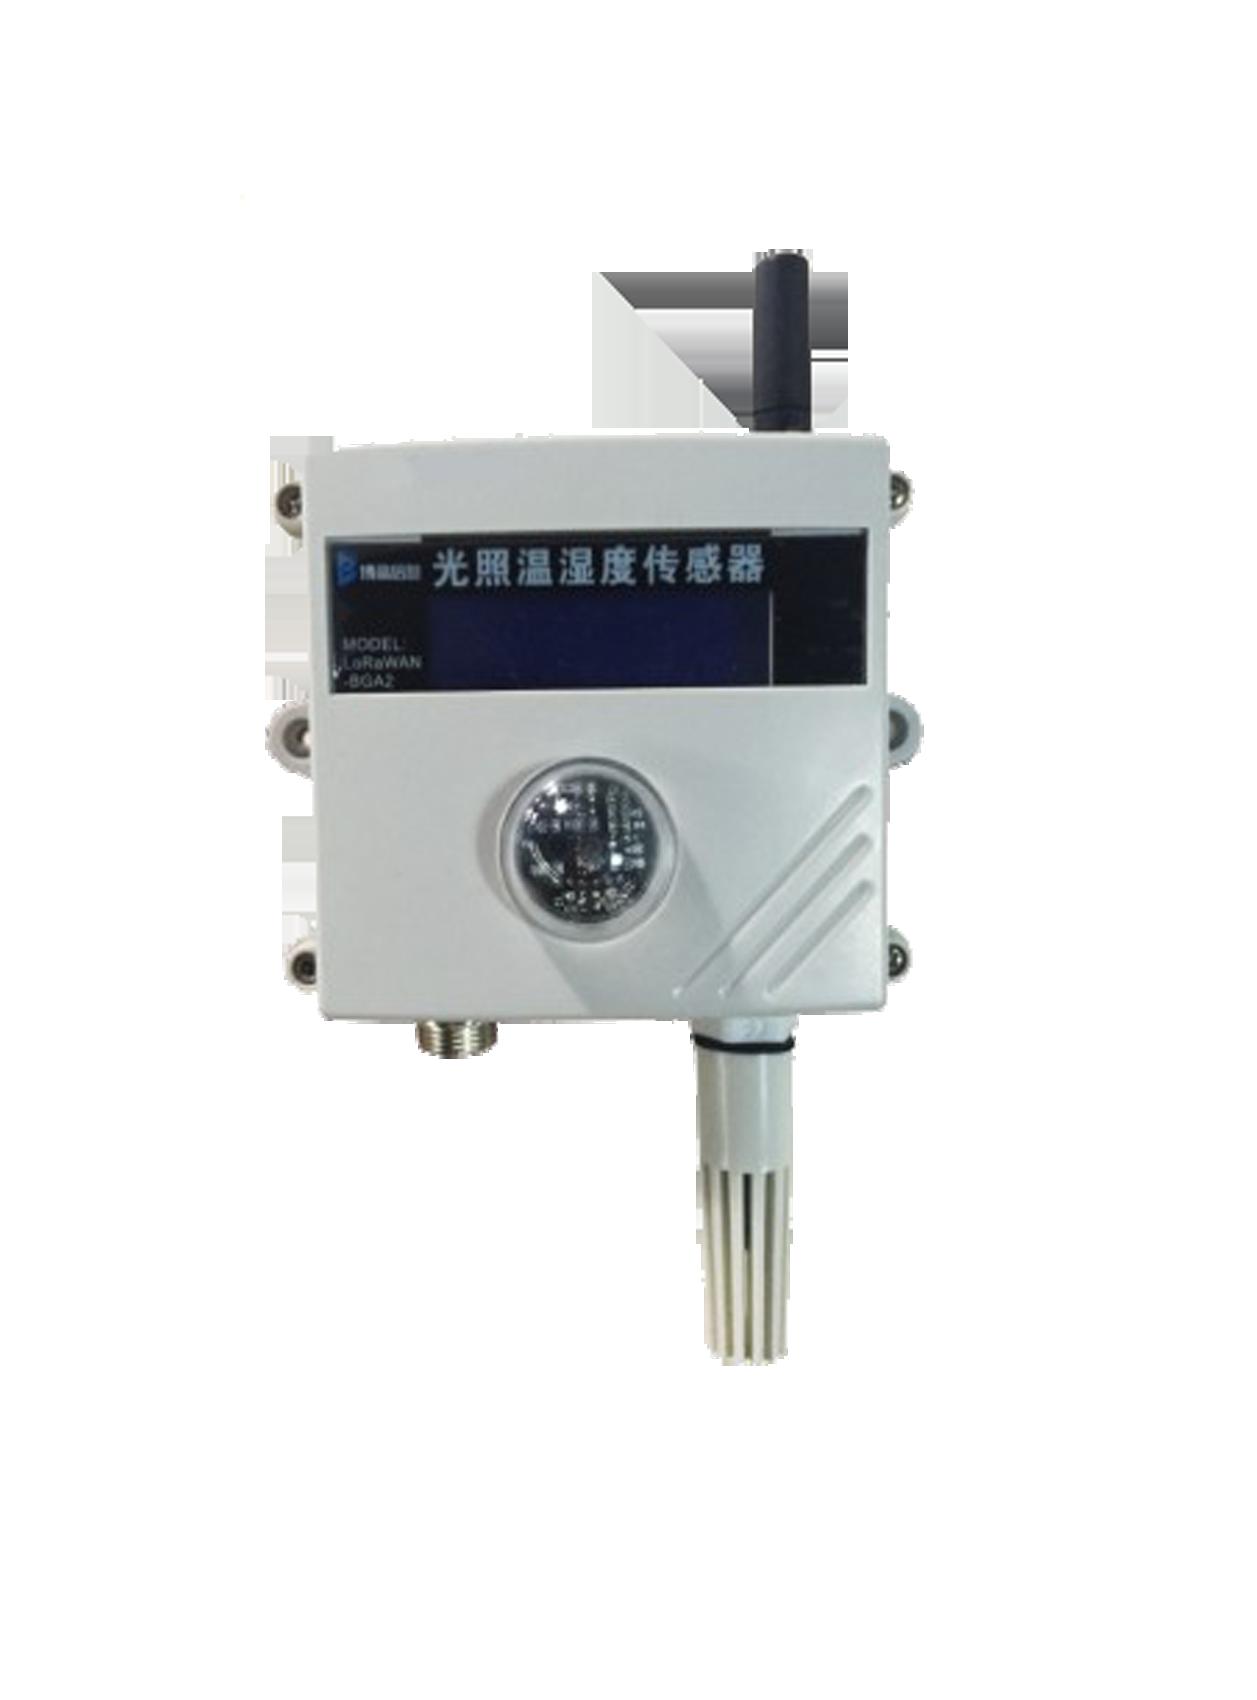 光照温湿度传感器-LoRaWAN-BGA2